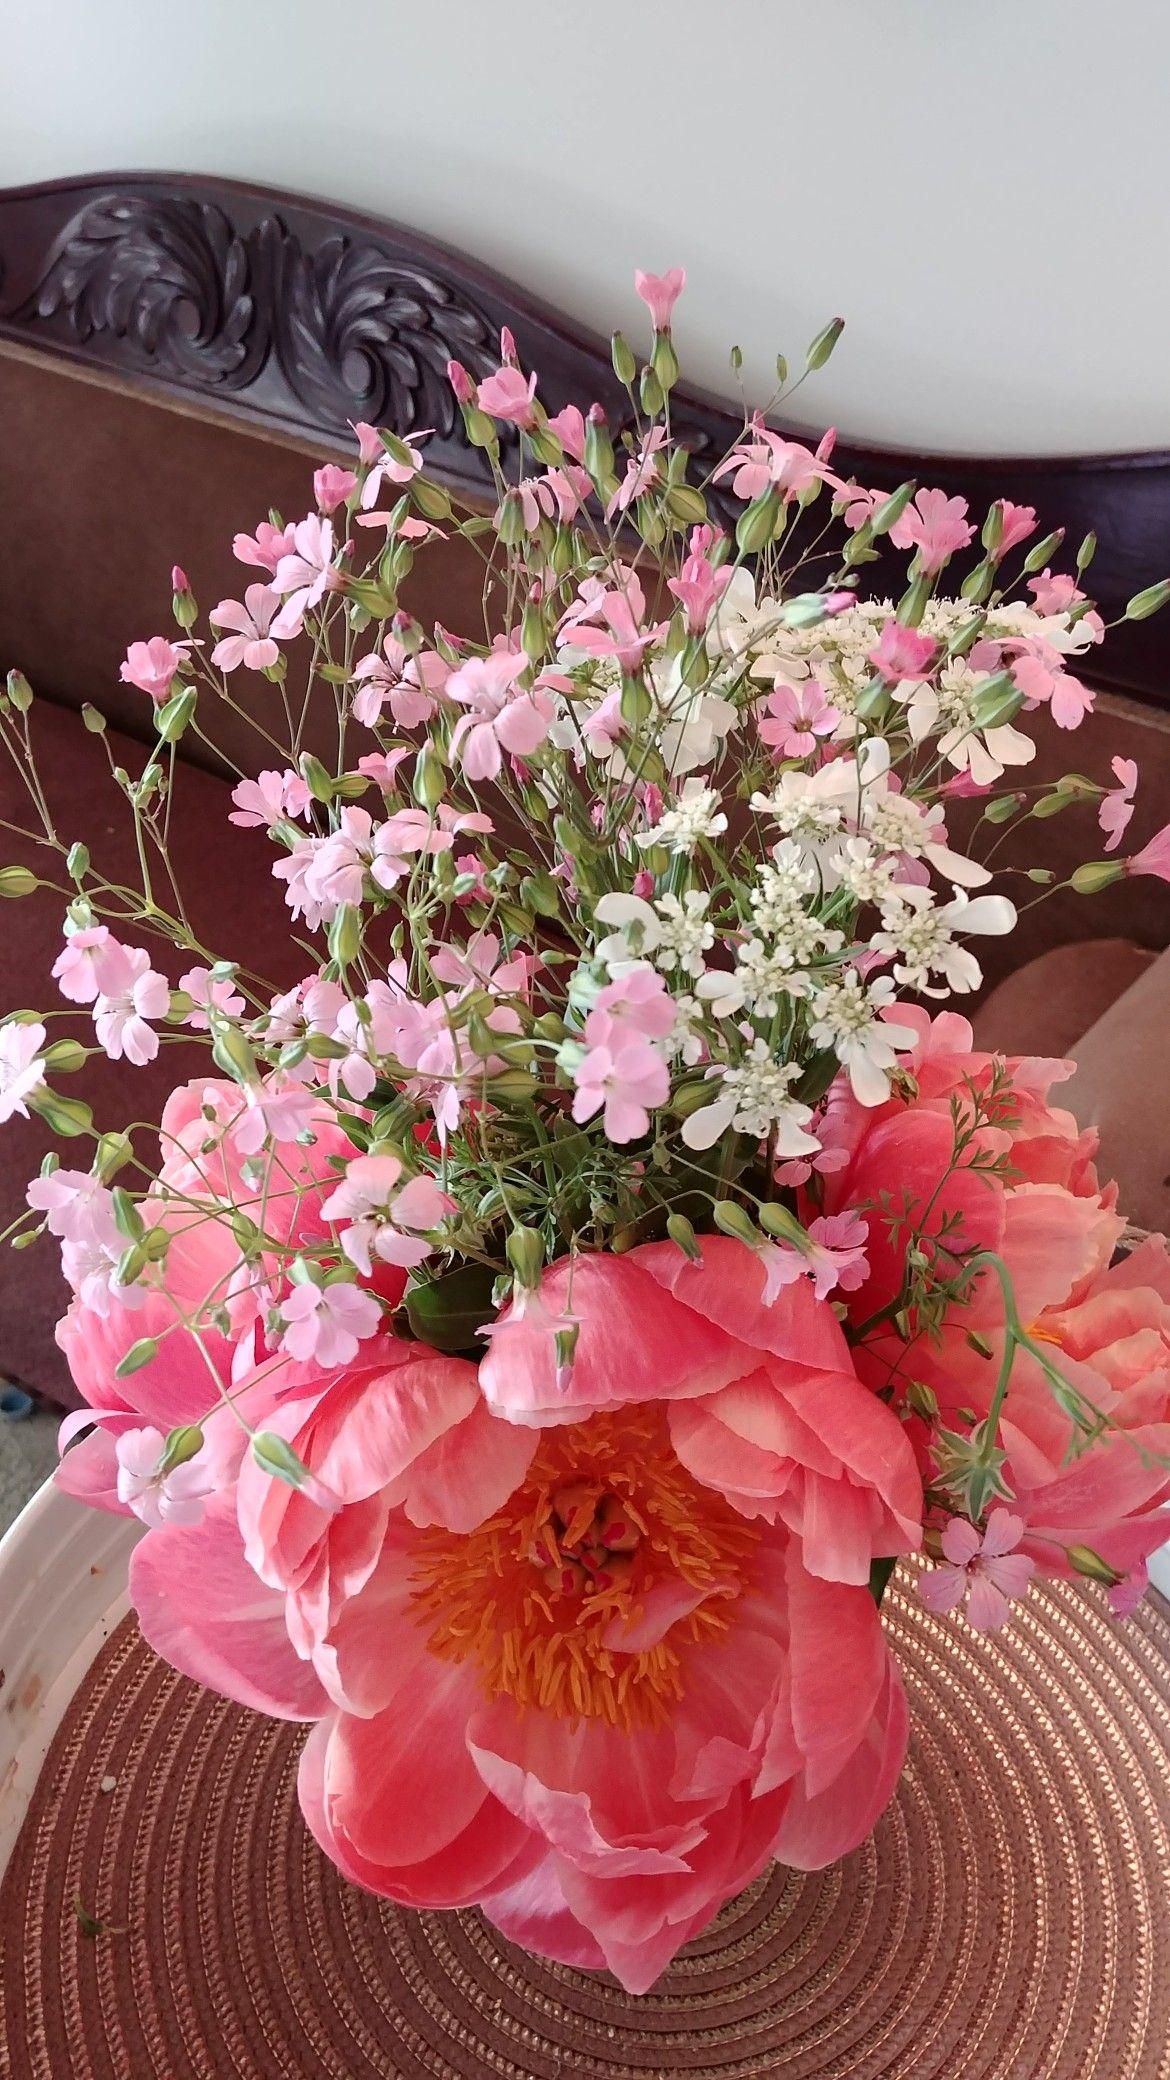 Farm bouquet floral wreath floral bouquet